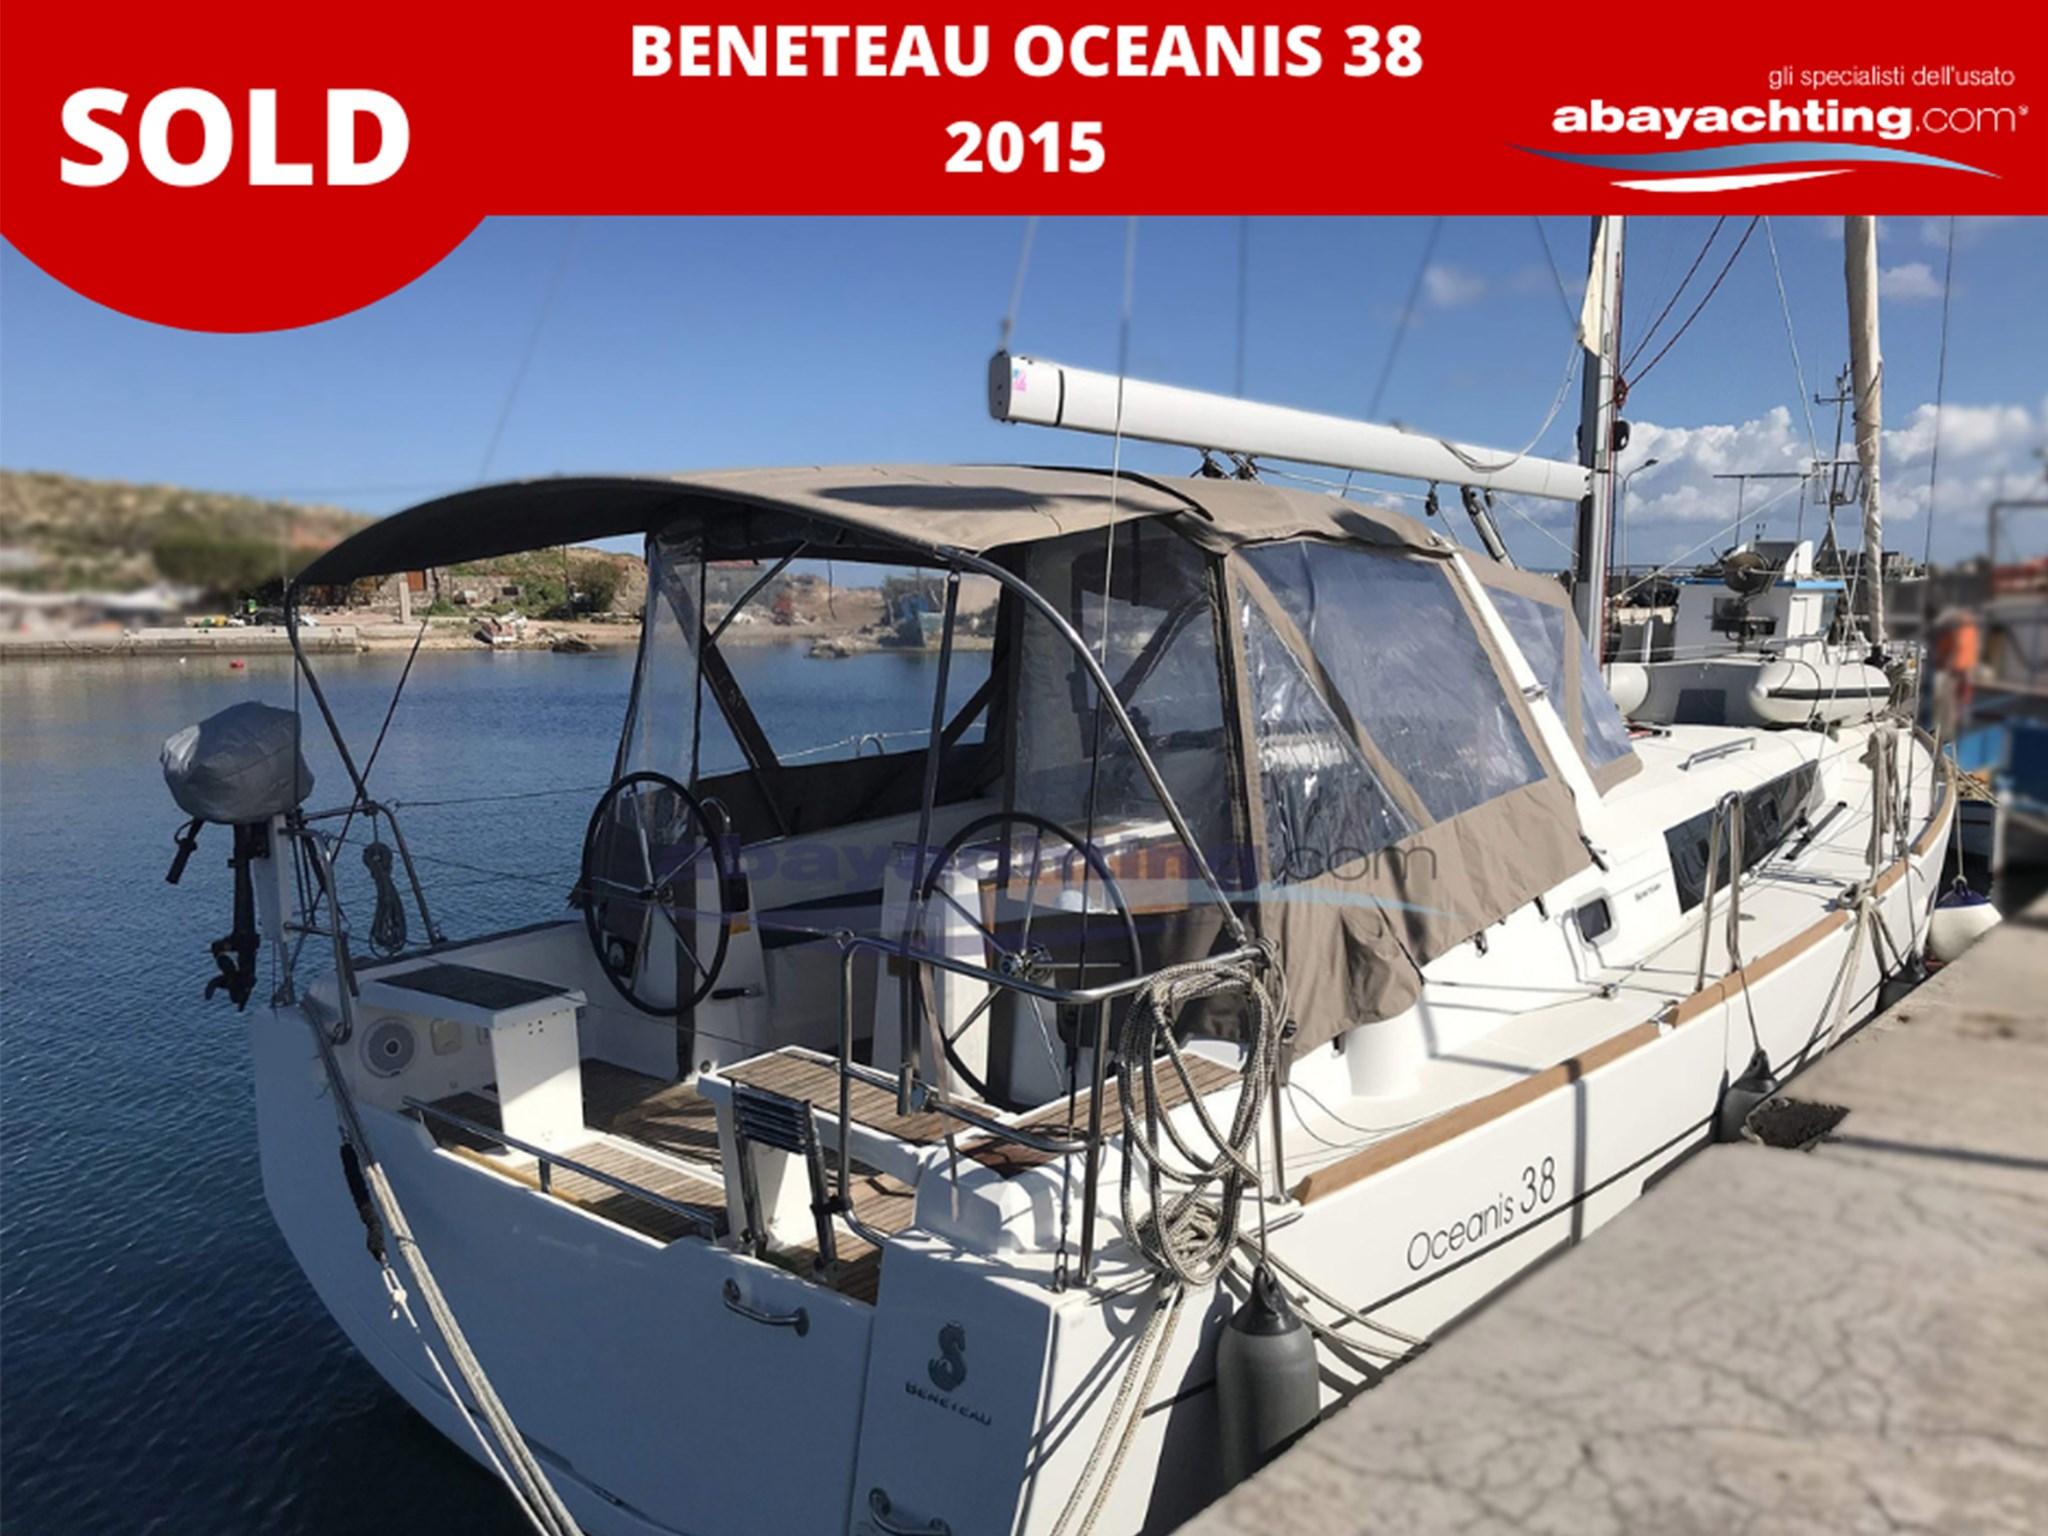 Beneteau Oceanis 38 venduto